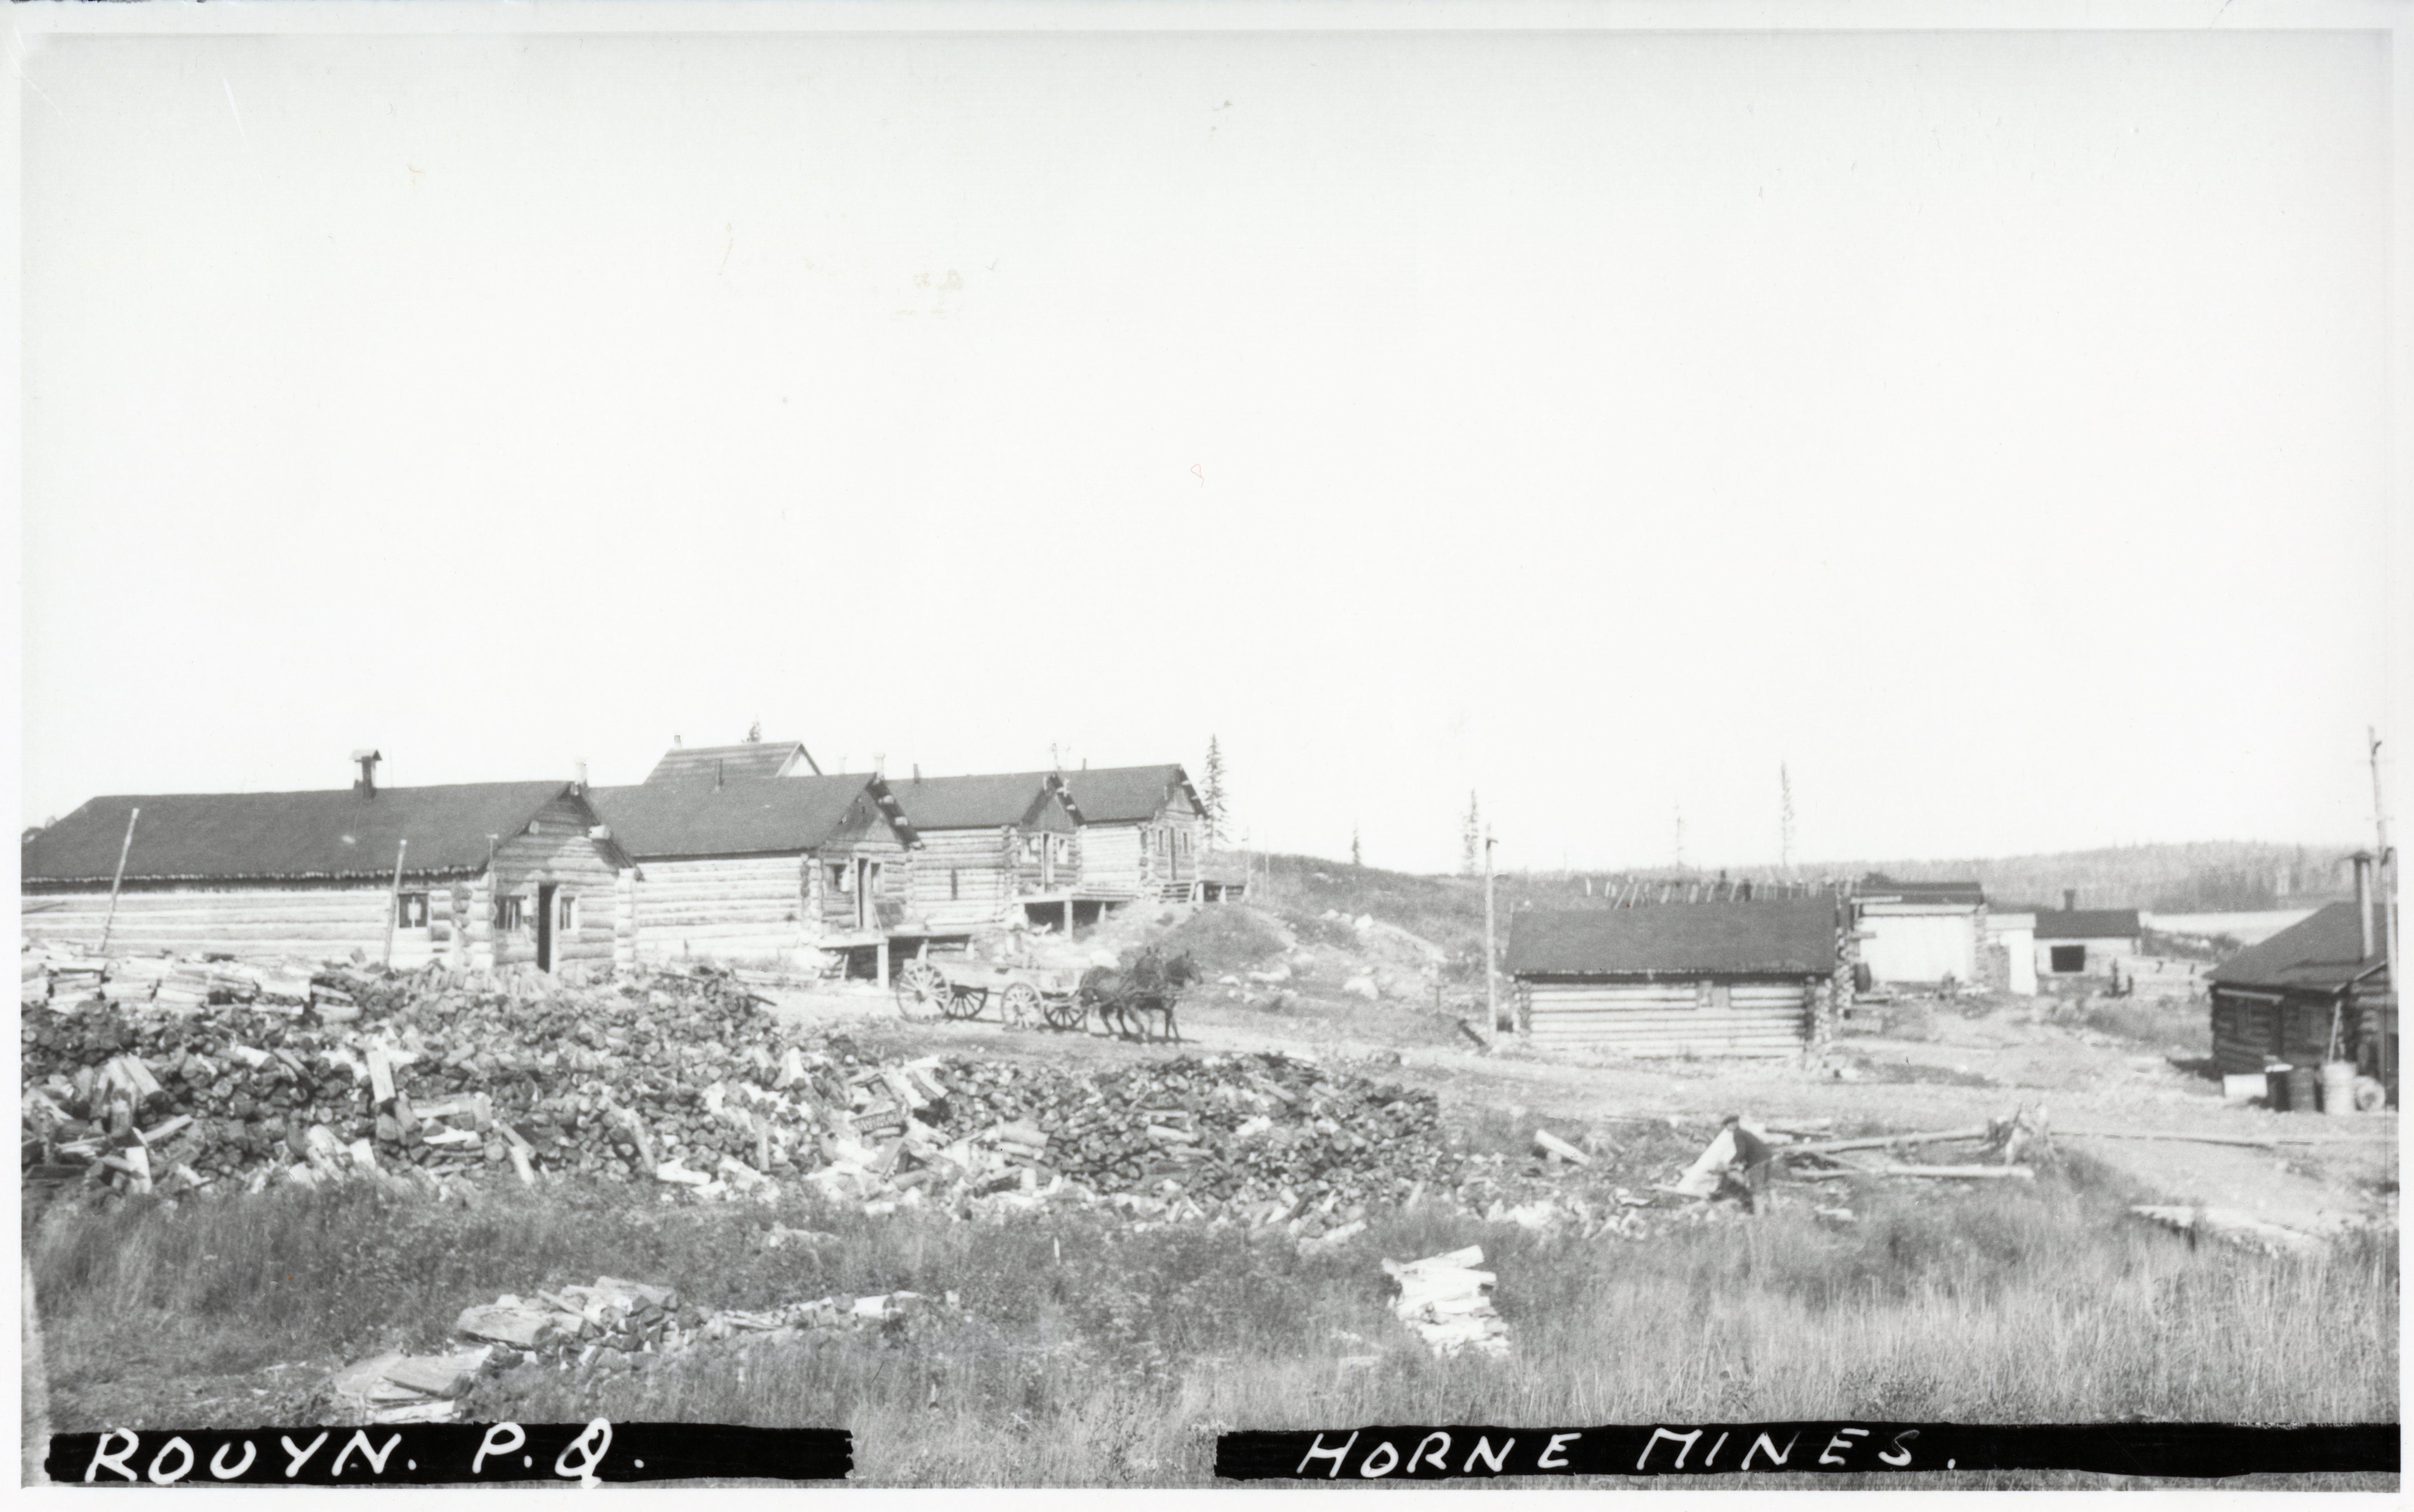 Photographie en noir et blanc de plusieurs cabanes en bois rond, d'une charrette tirée par deux chevaux et de nombreux amoncellements de bûches.